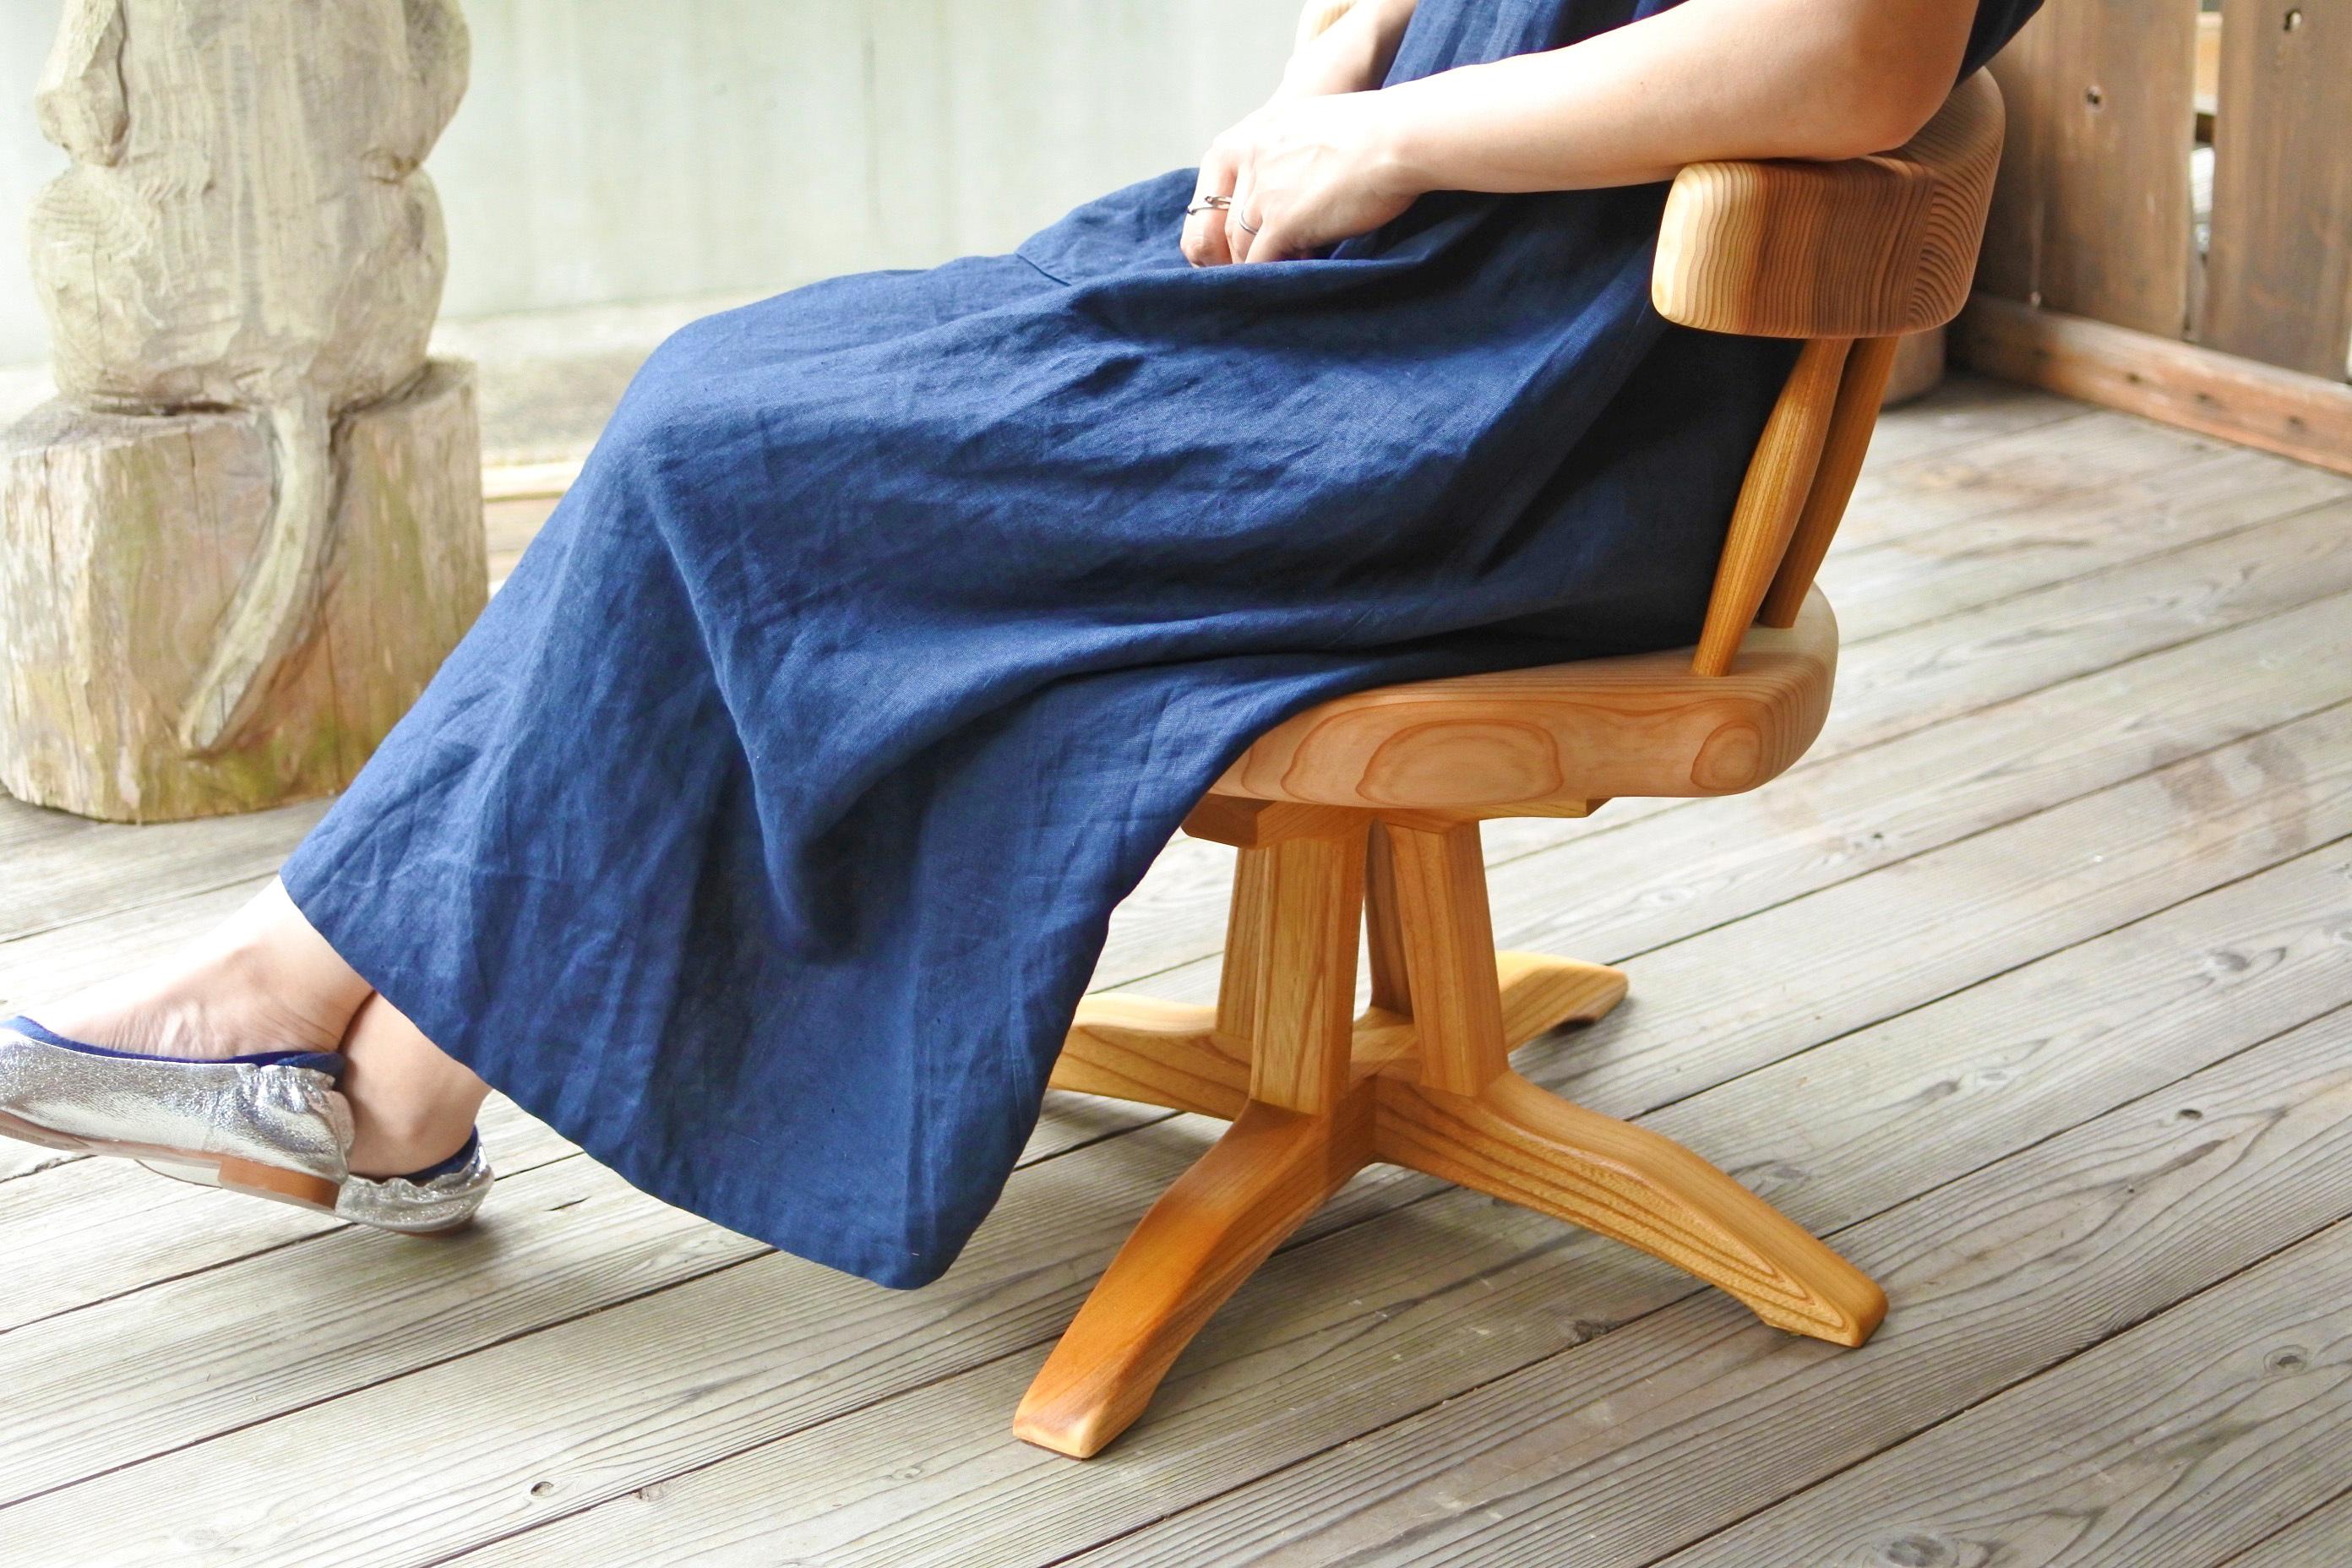 紀州スギの回転式のコシ座椅子